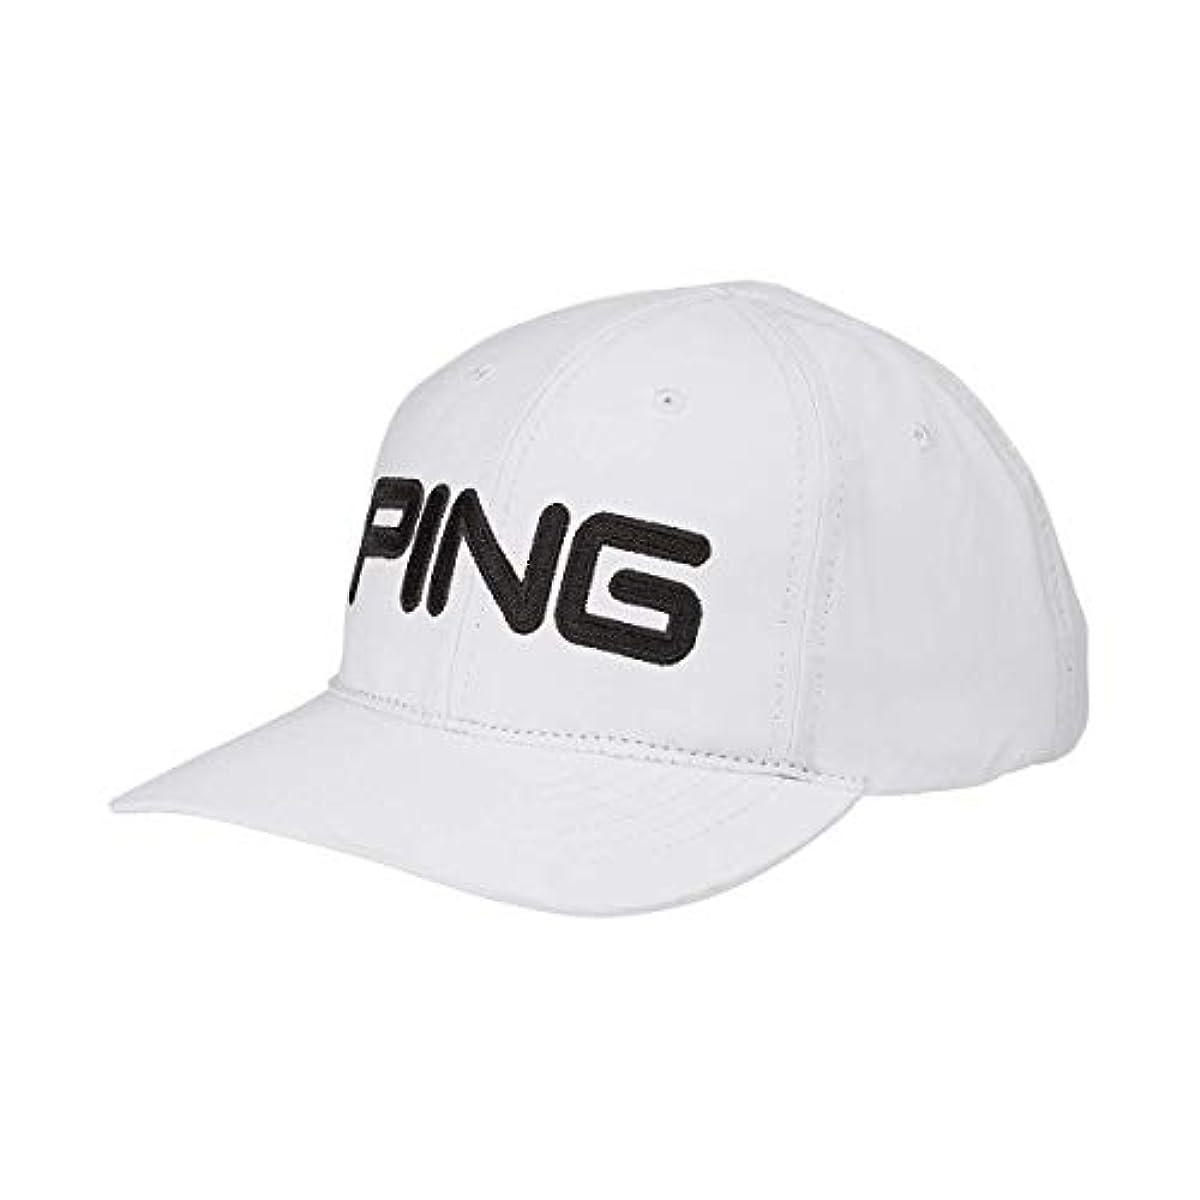 [해외] 2020 PING 핑 LIGHT CAP 프리 사이즈 화이트/블랙(01) 캡 34697 US모델